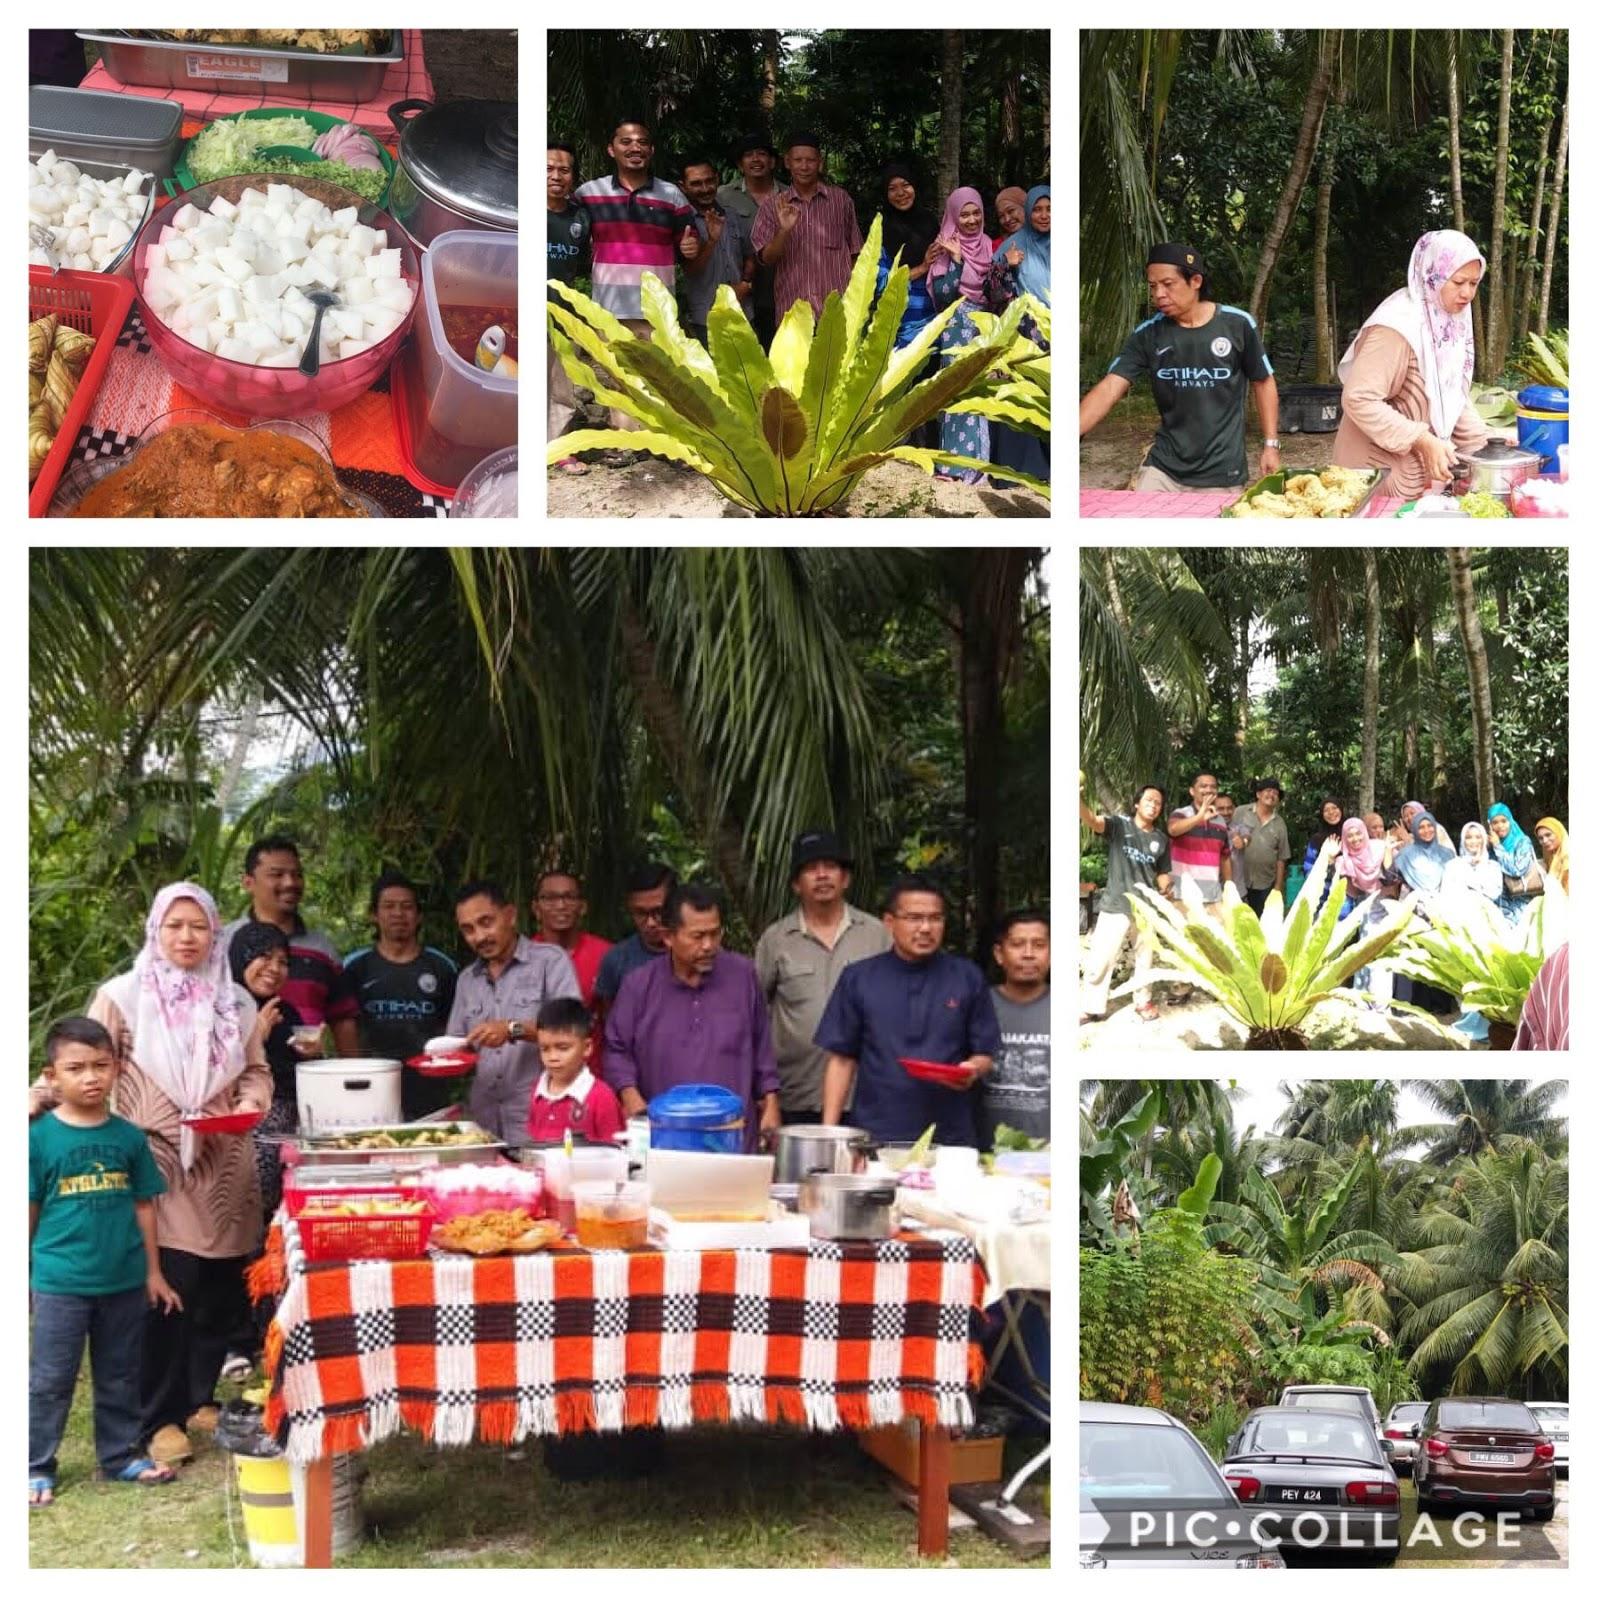 hari raya aidilfitri 2019, kronologi aidilfitri, bergembira dengan keluarga